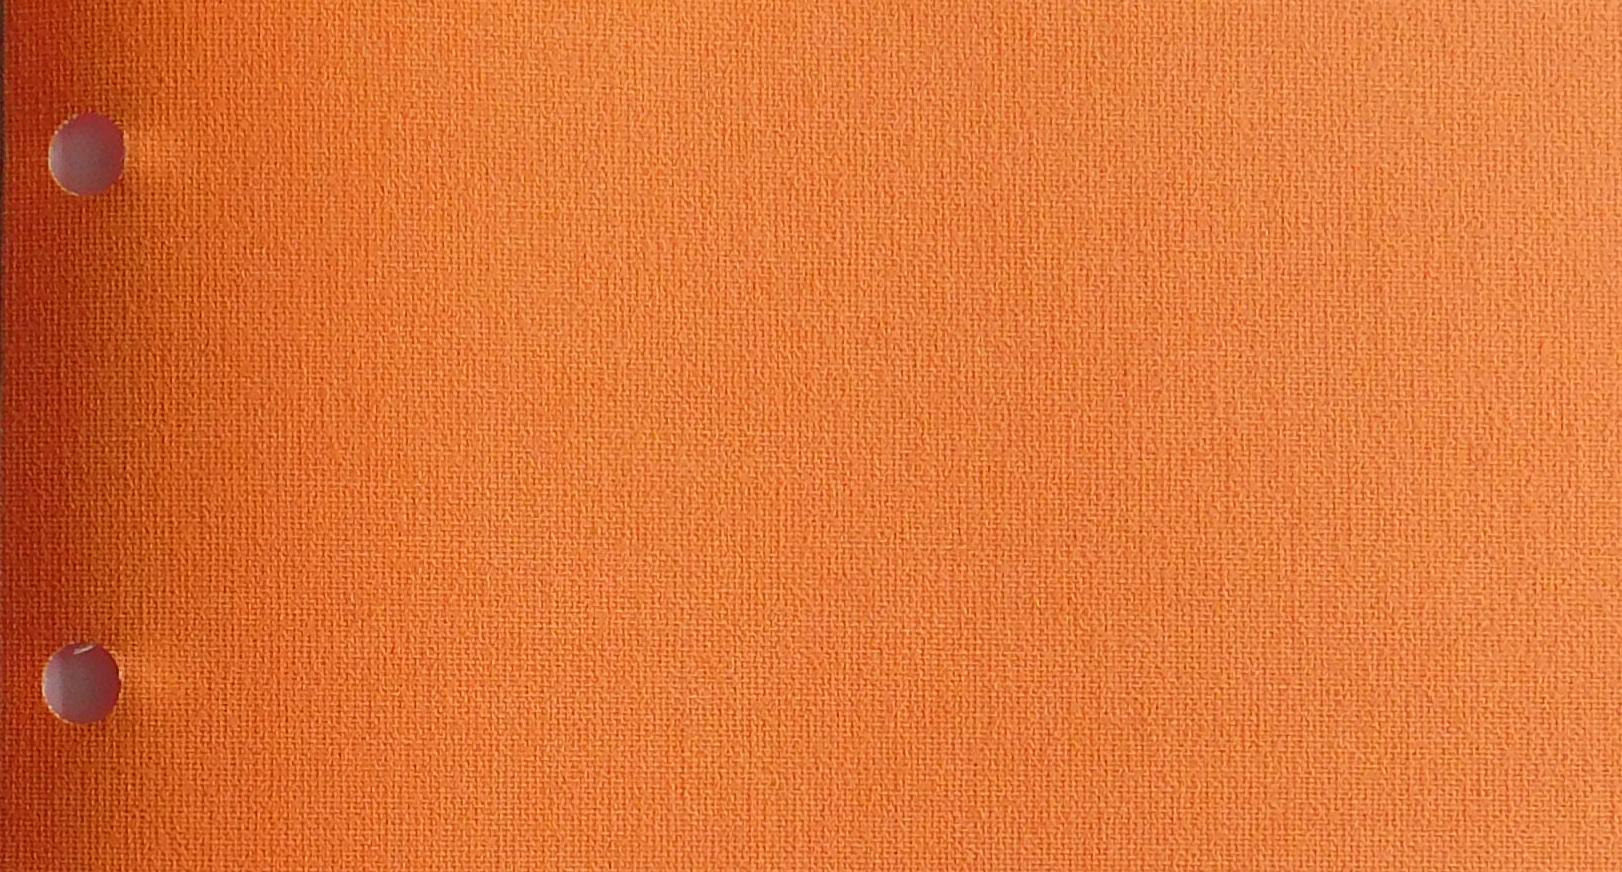 Polaris Tangerine blind fabric